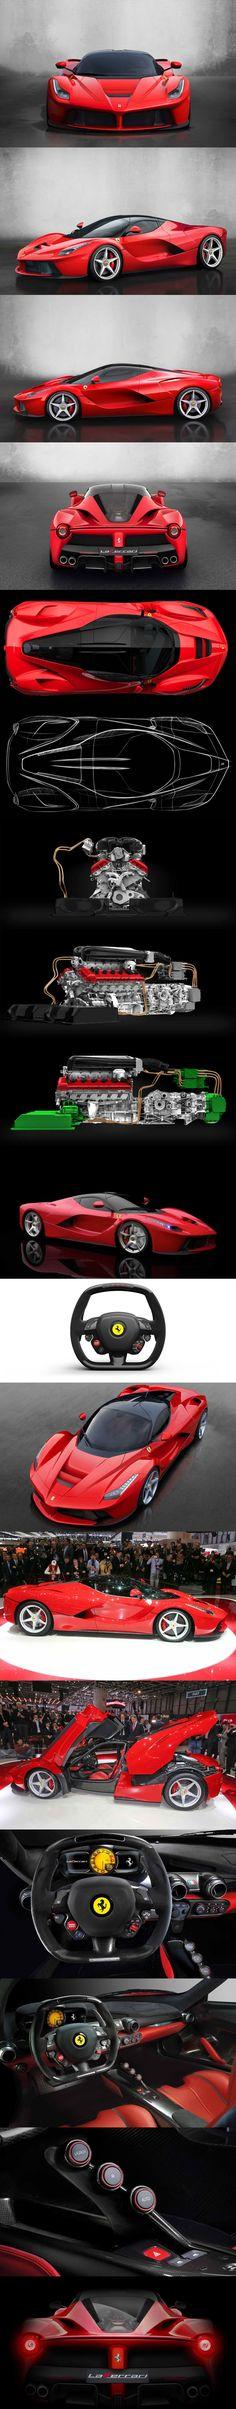 Ferrari devela su nuevo súper deportivo de 963 CV 'LaFerrari'